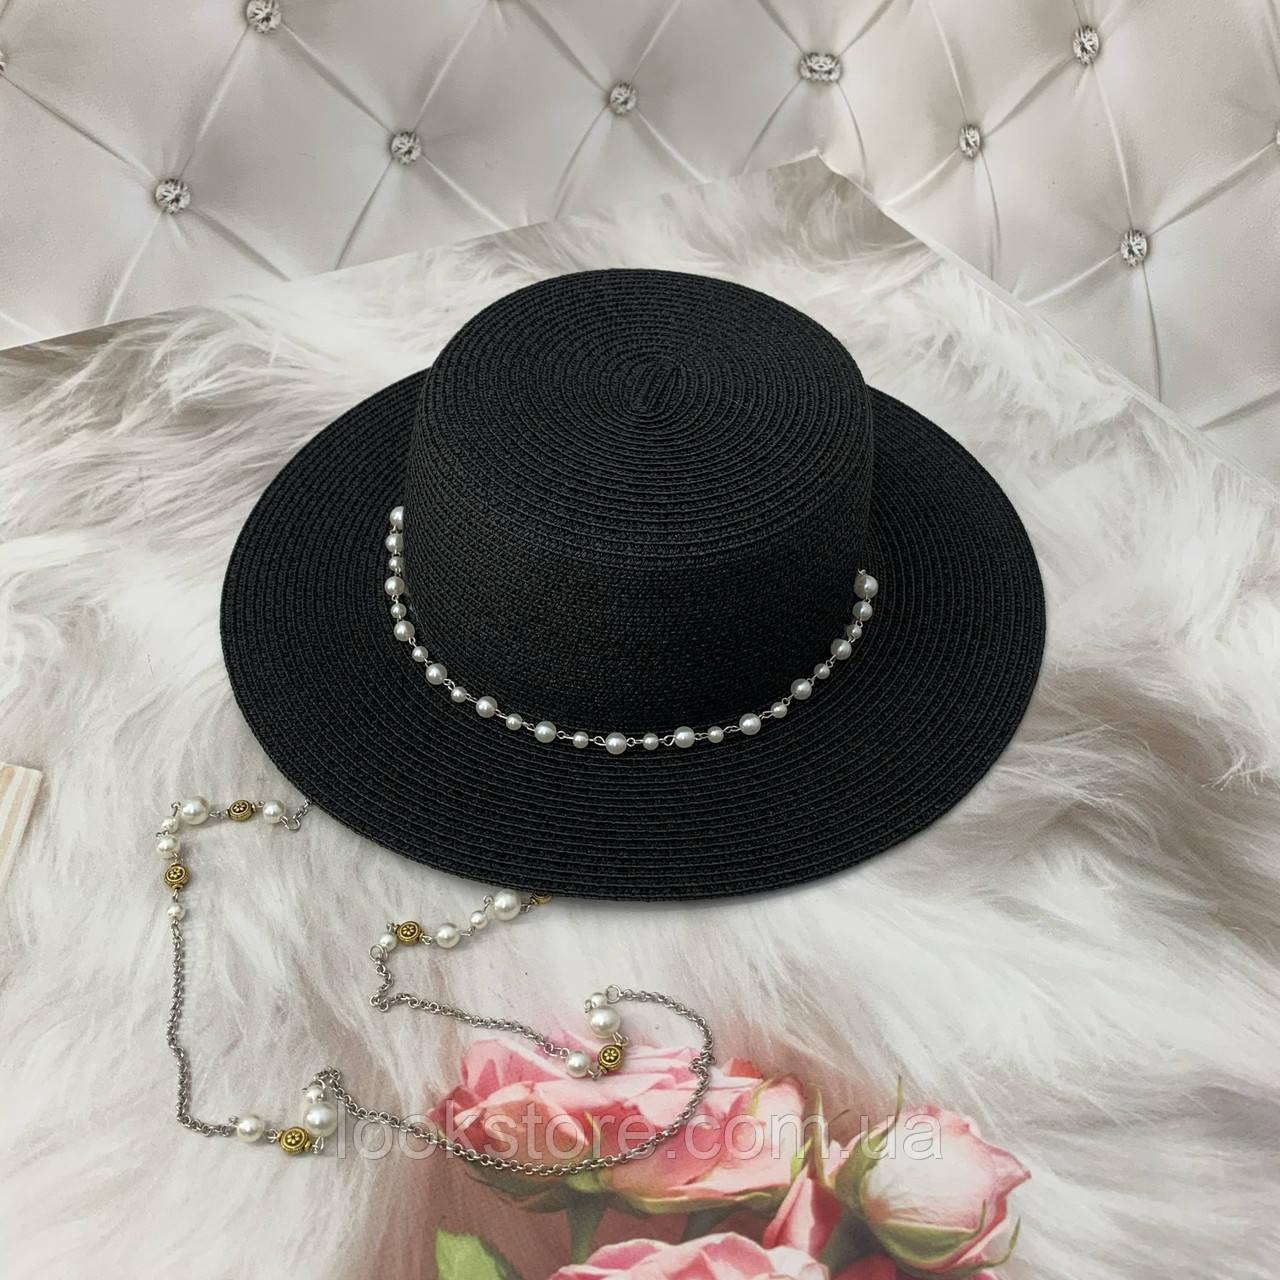 Капелюх жіночий річна канотьє в стилі Maison Michel рожева (пудра)